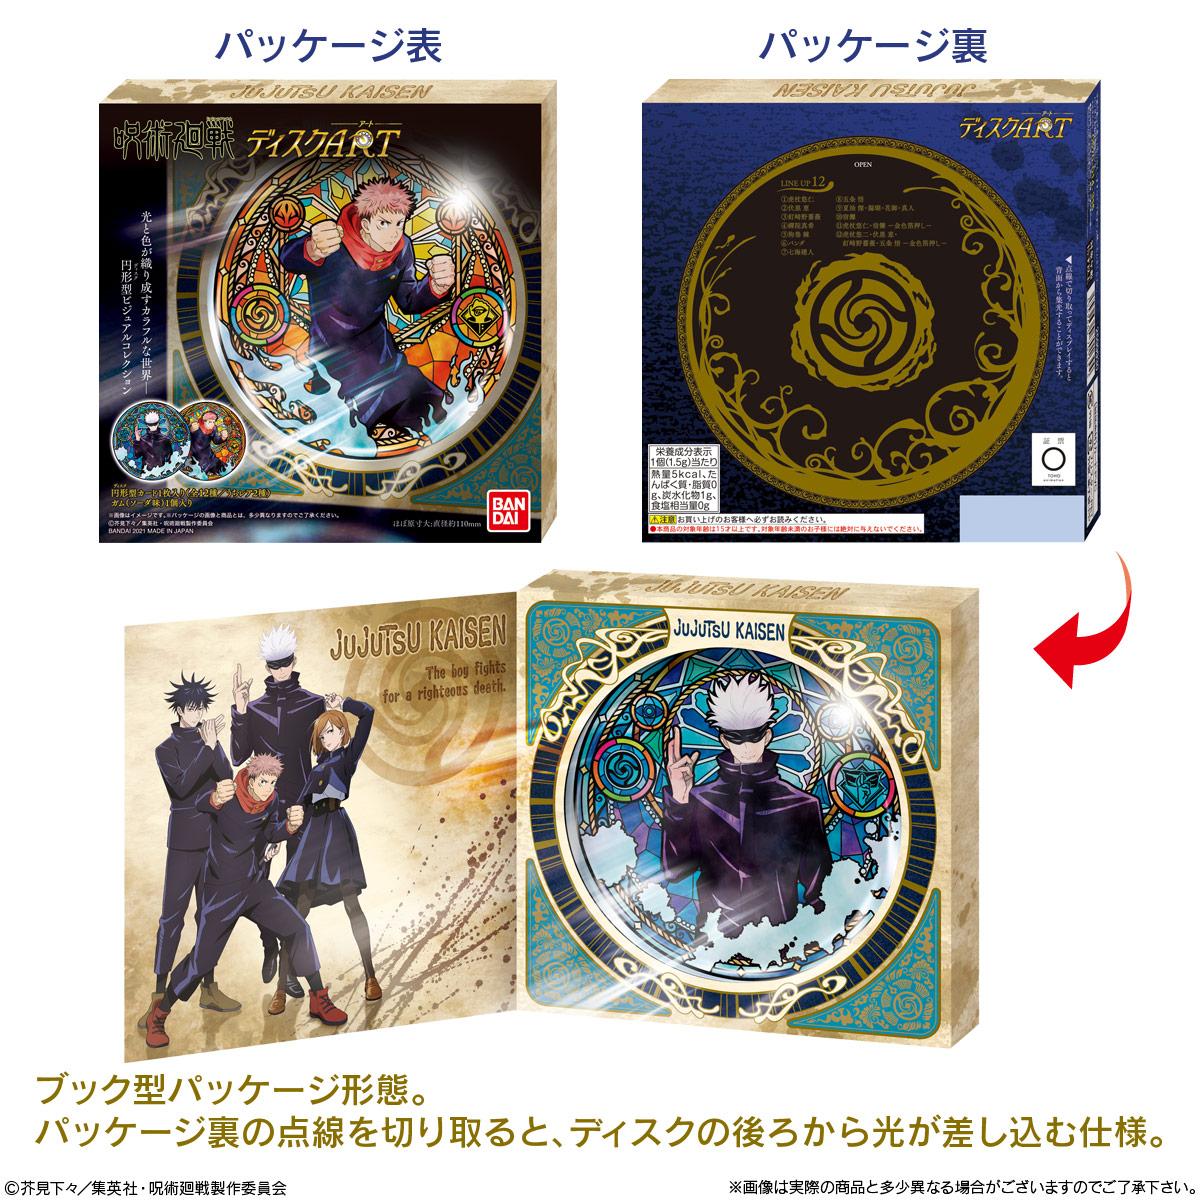 【食玩】呪術廻戦『ディスクART 呪術廻戦』12個入りBOX-002